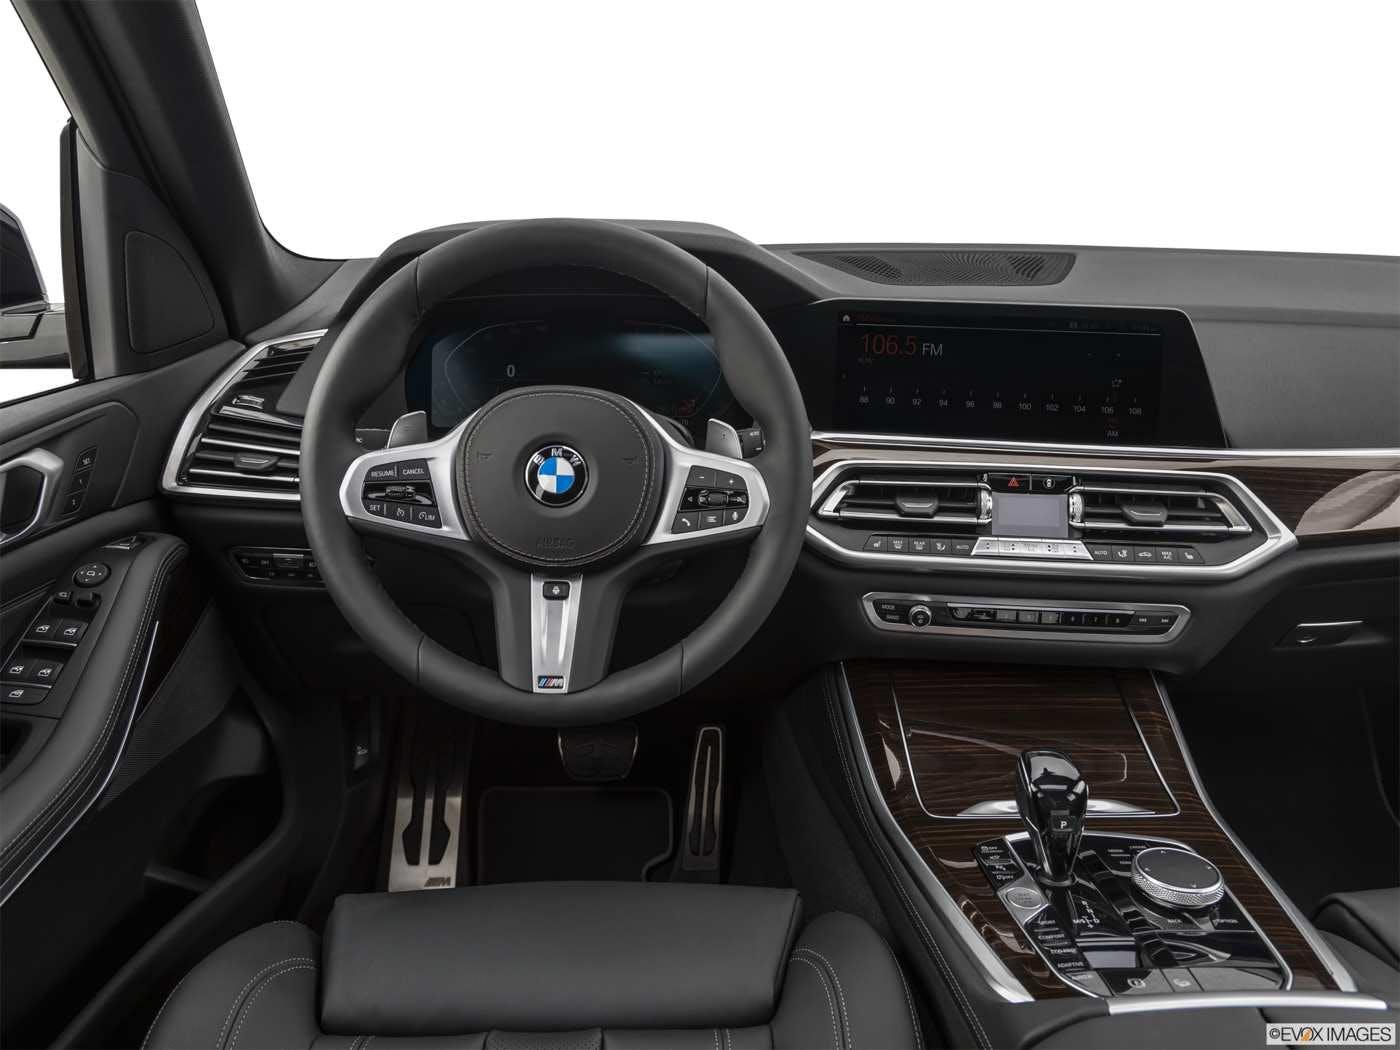 2019 bmw x5 prices, reviews & incentives | truecar